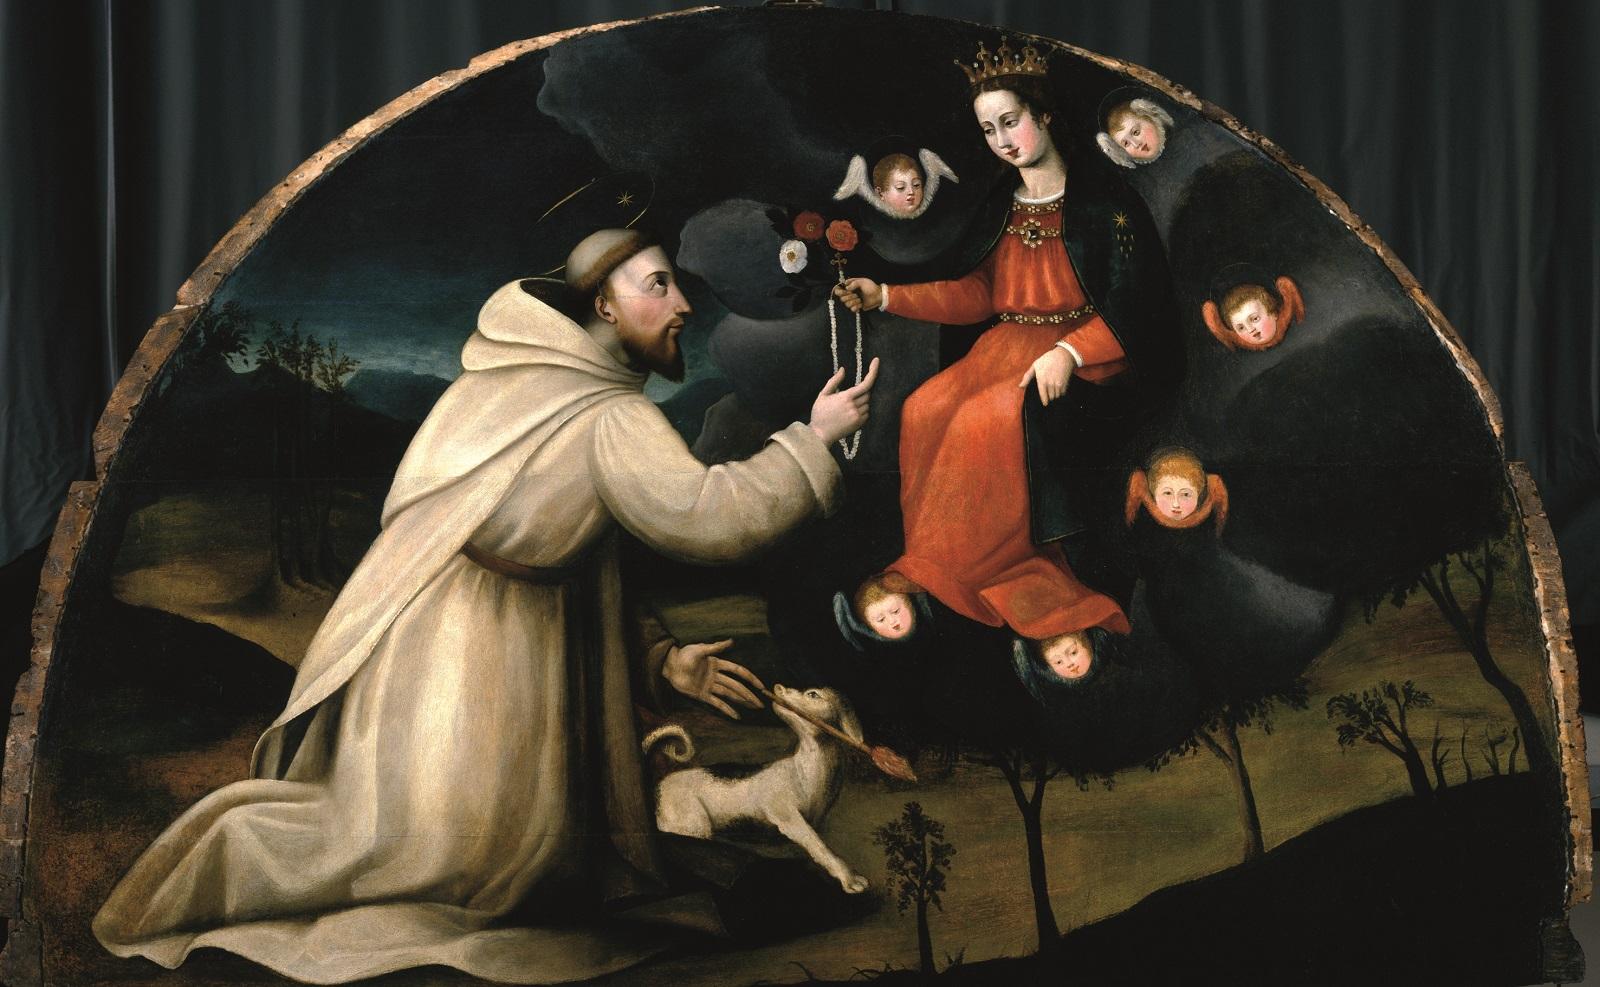 San Domenico Riceve il Rosario, di Plautilla Nelli (c. 1570)